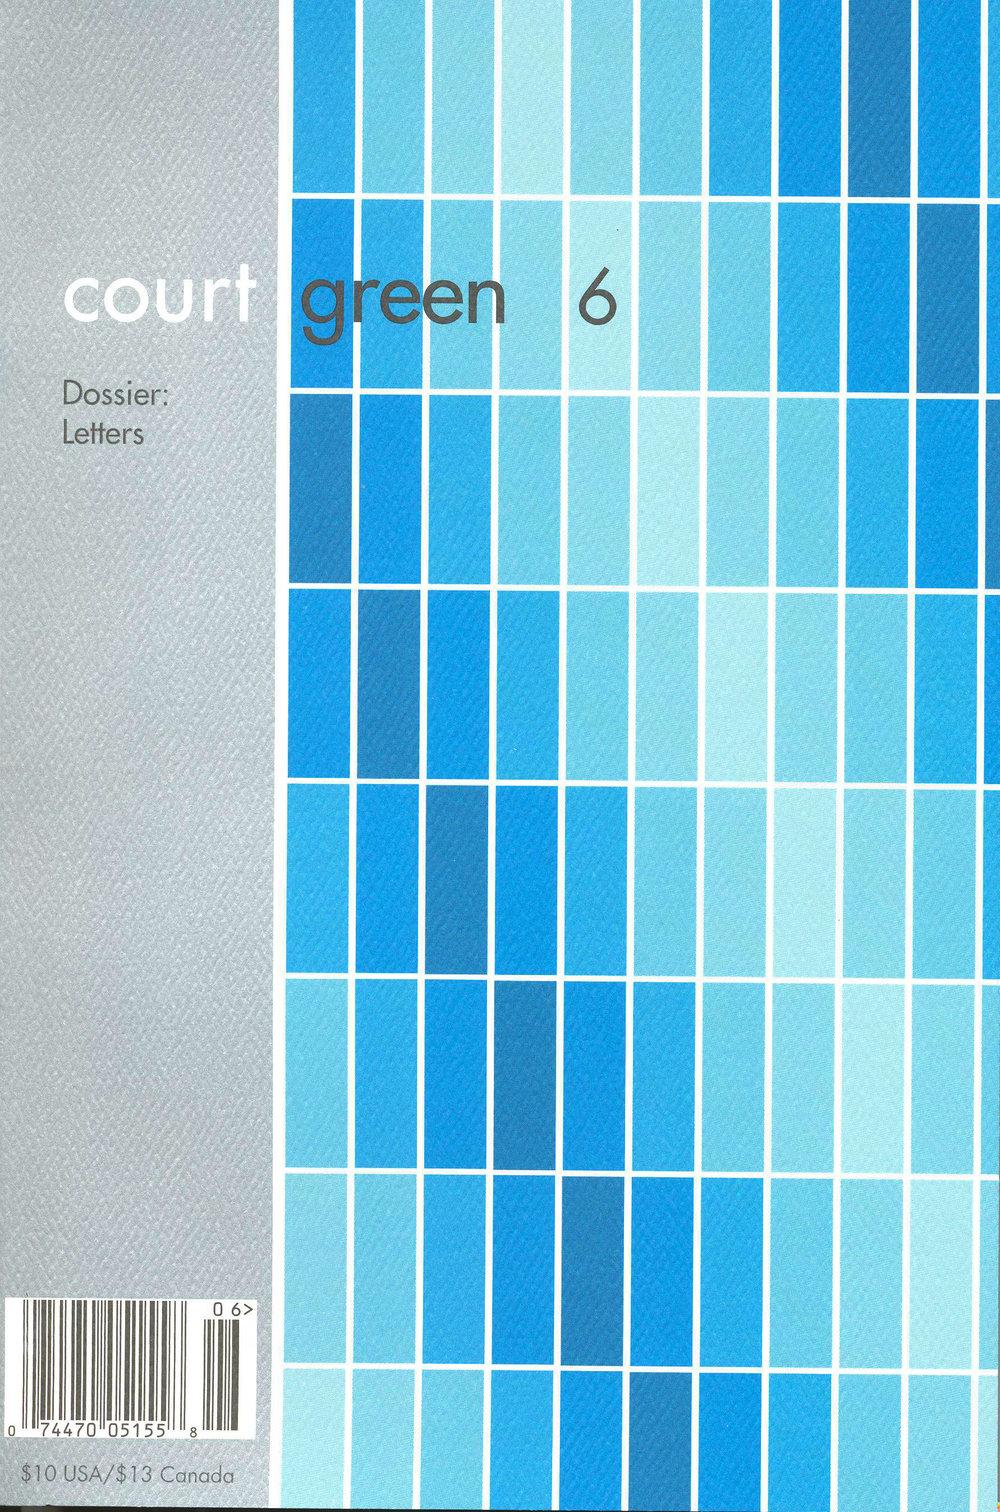 Court Green 6